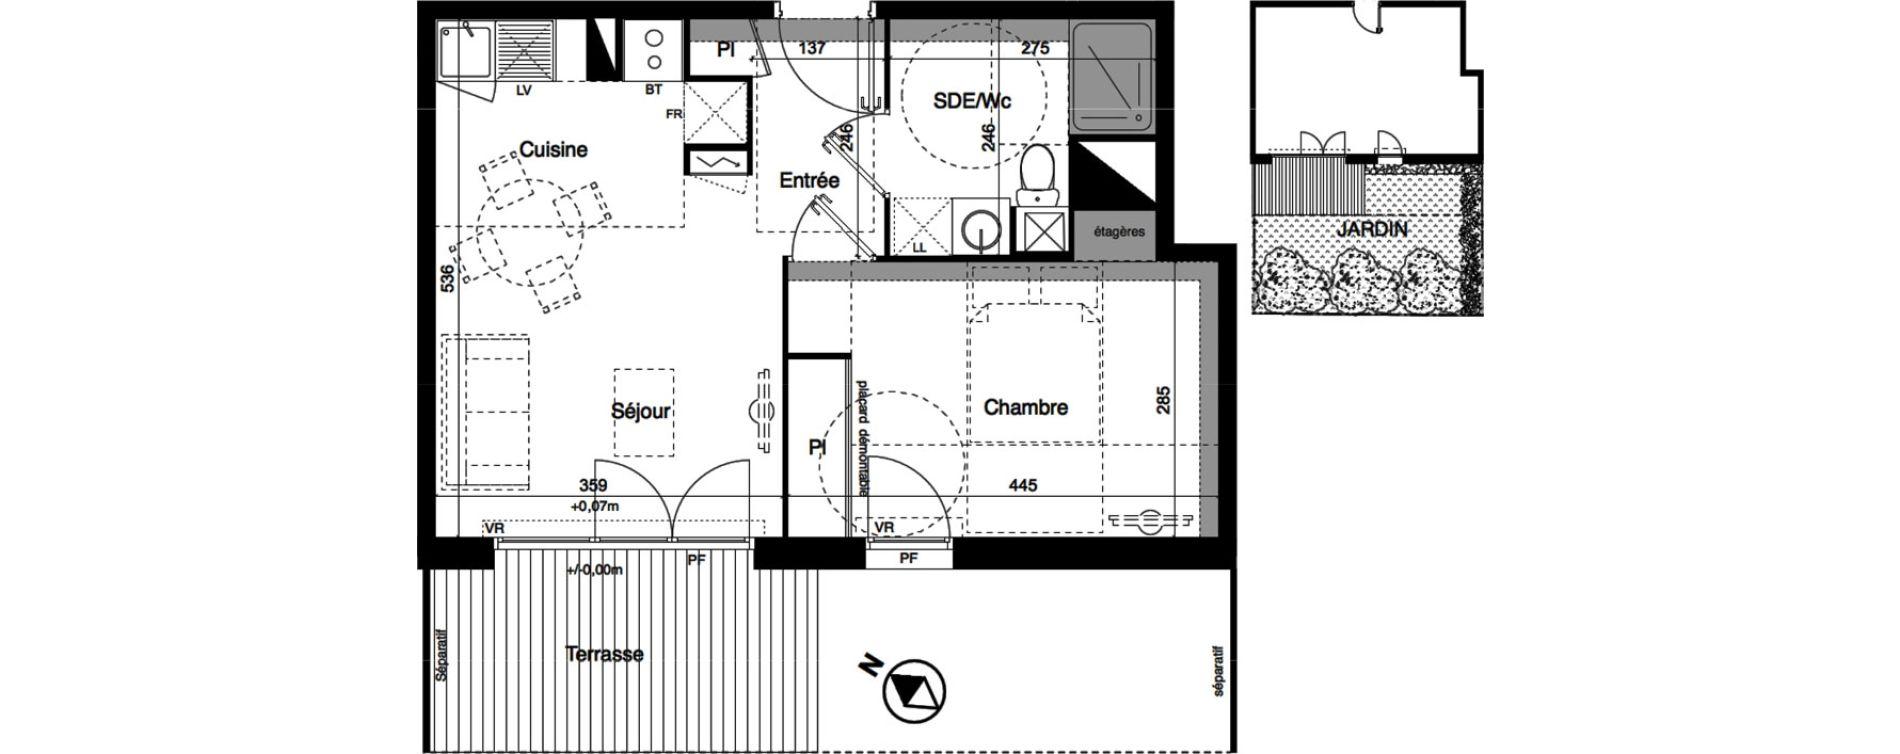 Appartement T2 de 40,36 m2 à Toulouse La roseraie